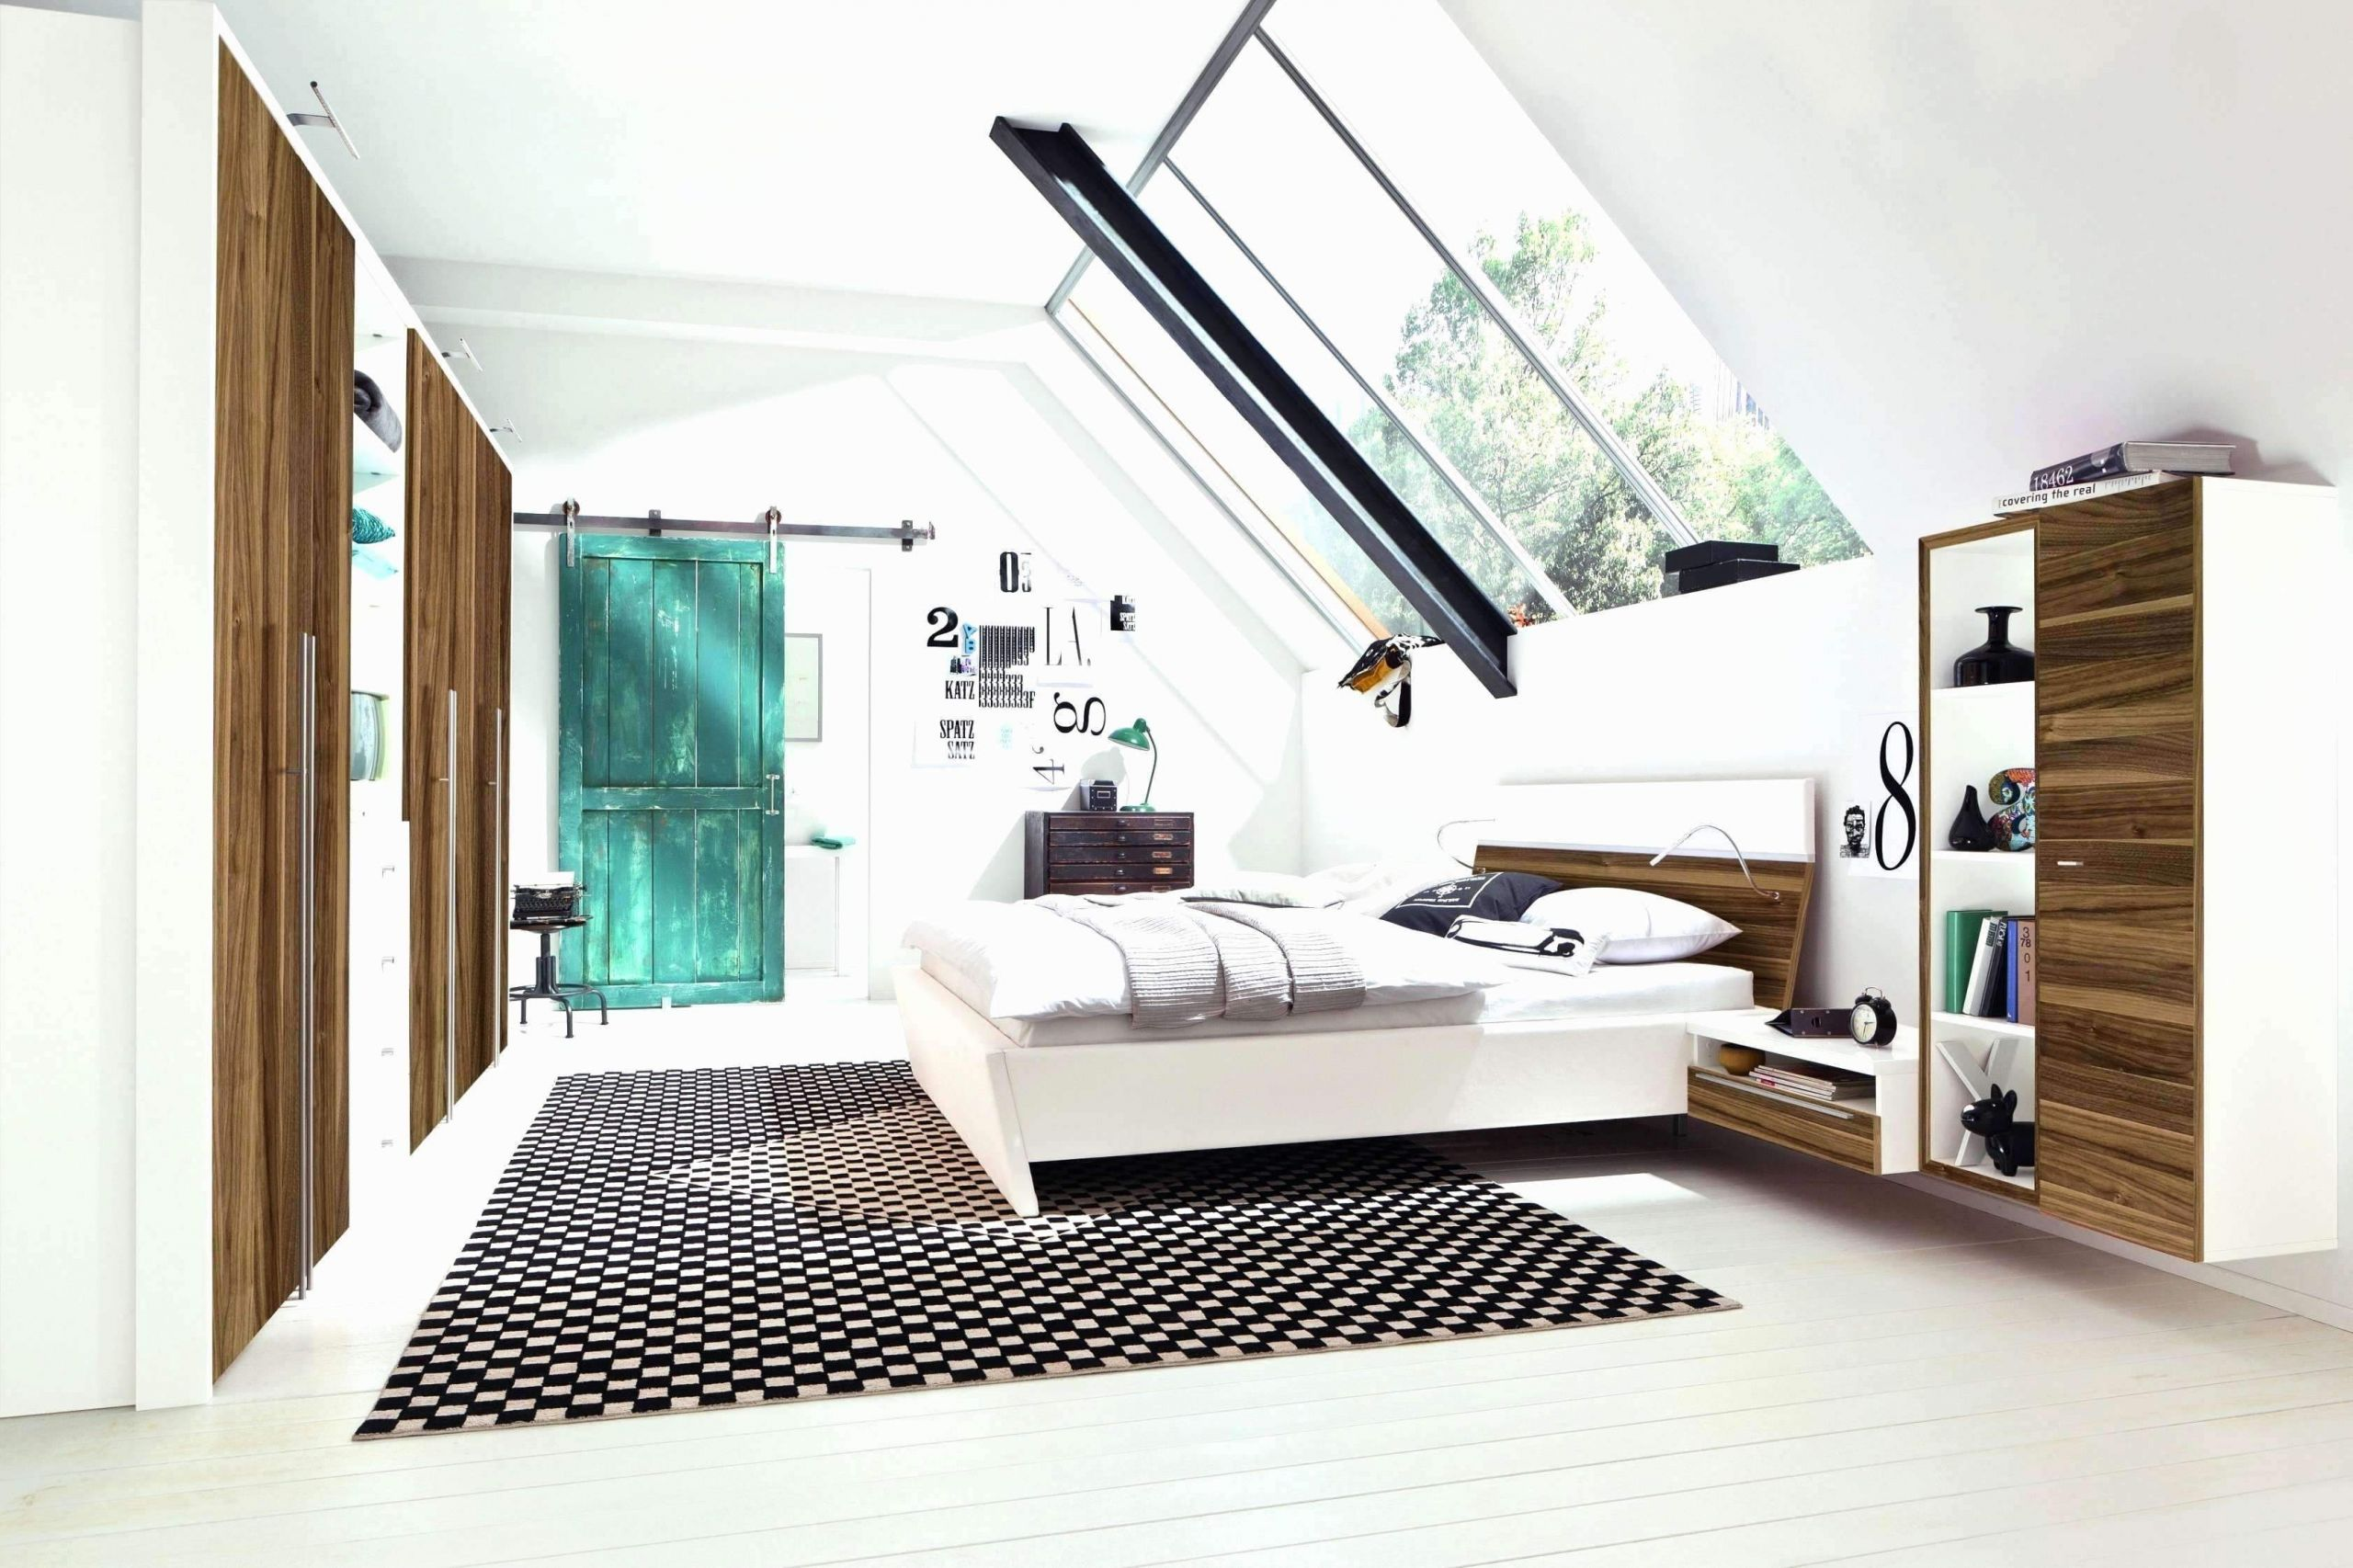 Deko Online Kaufen Einzigartig 29 Reizend Wohnzimmer Deko Line Shop Inspirierend